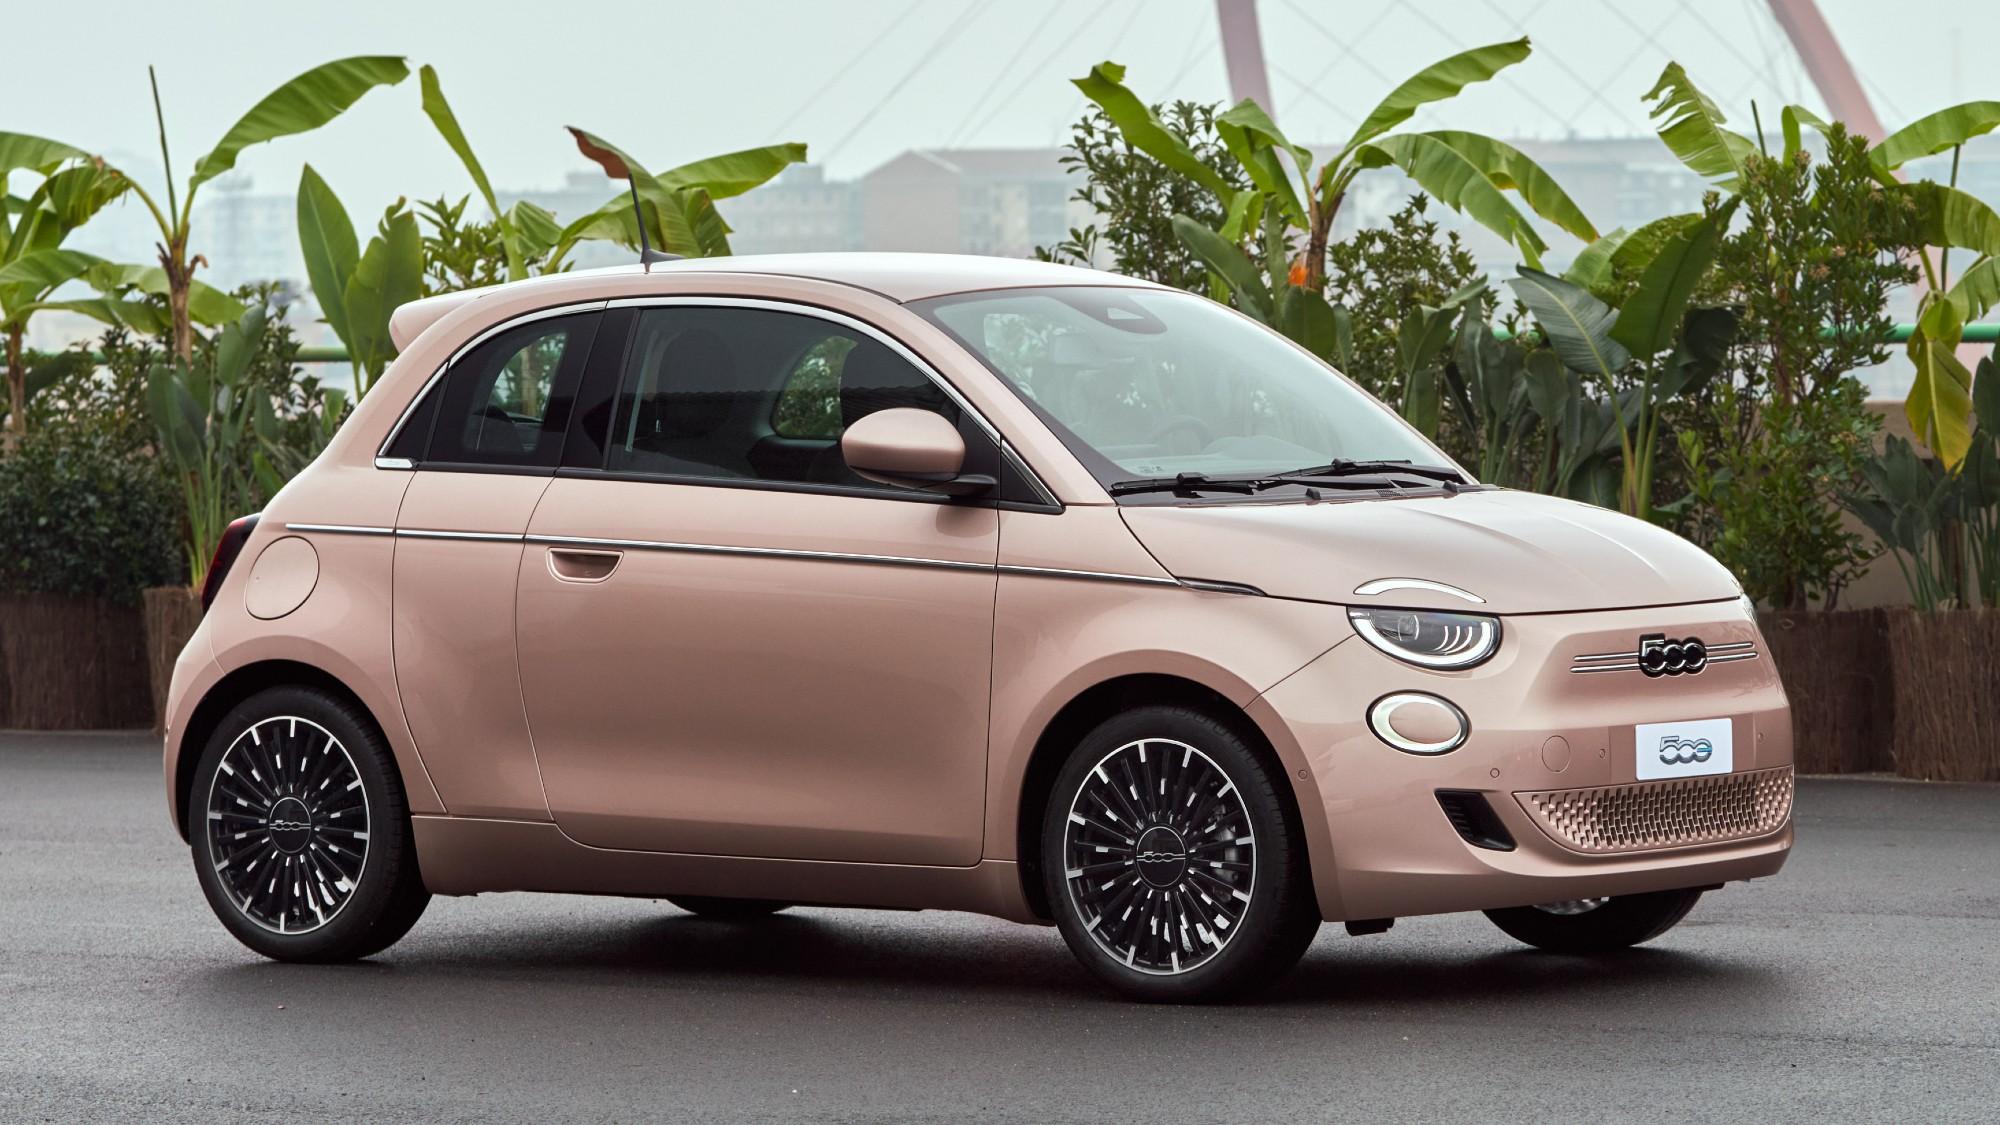 Πόσο κοστίζει το ηλεκτρικό FIAT 500e στην Ελλάδα;